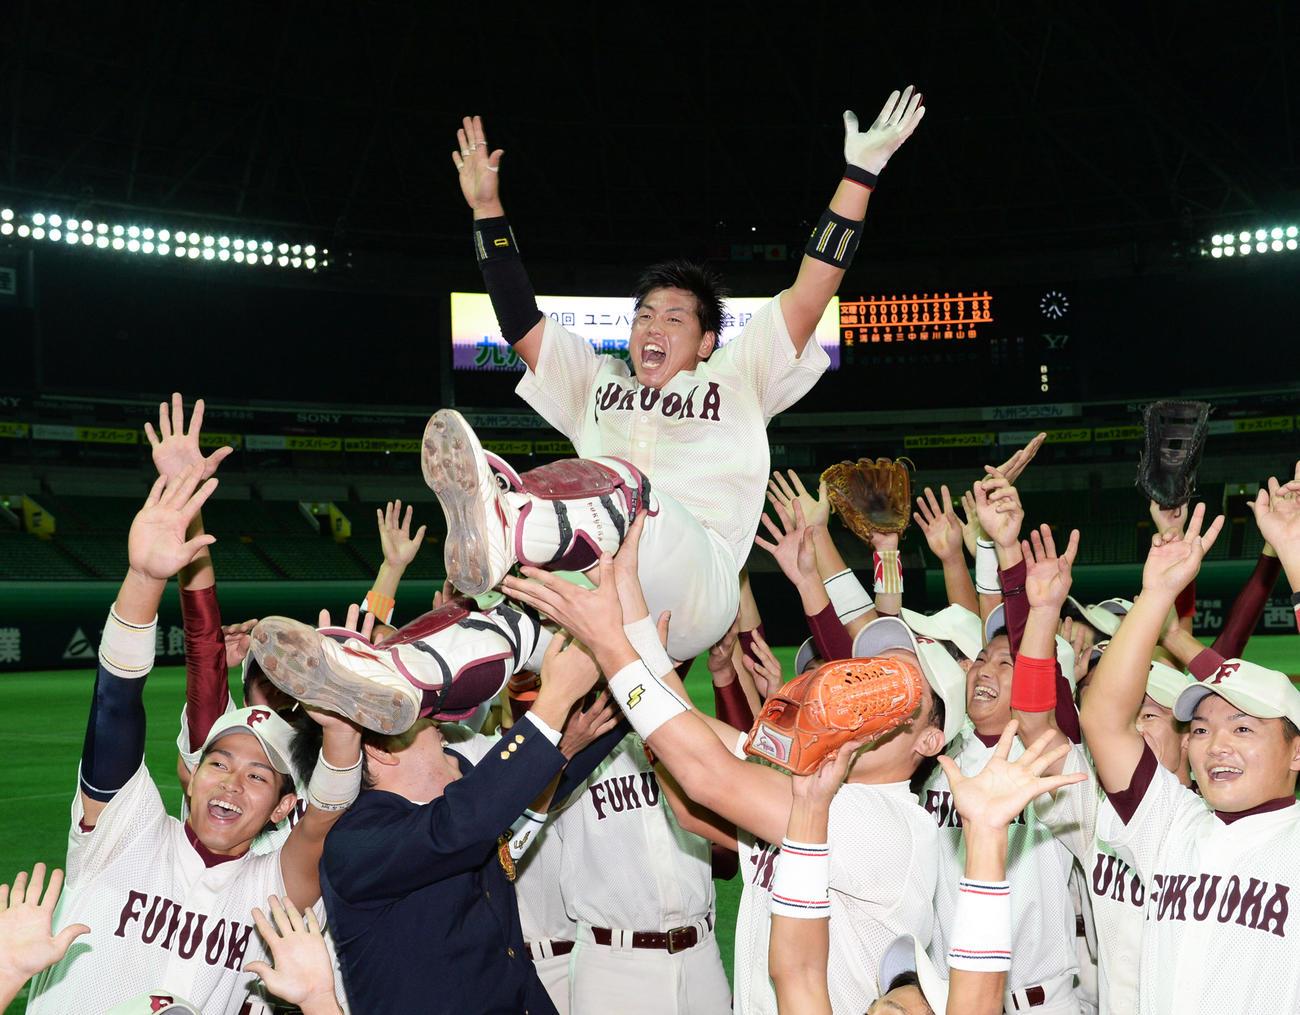 九州大学選手権で優勝し福岡大ナインから胴上げされる梅野隆太郎(2013年11月8日撮影)